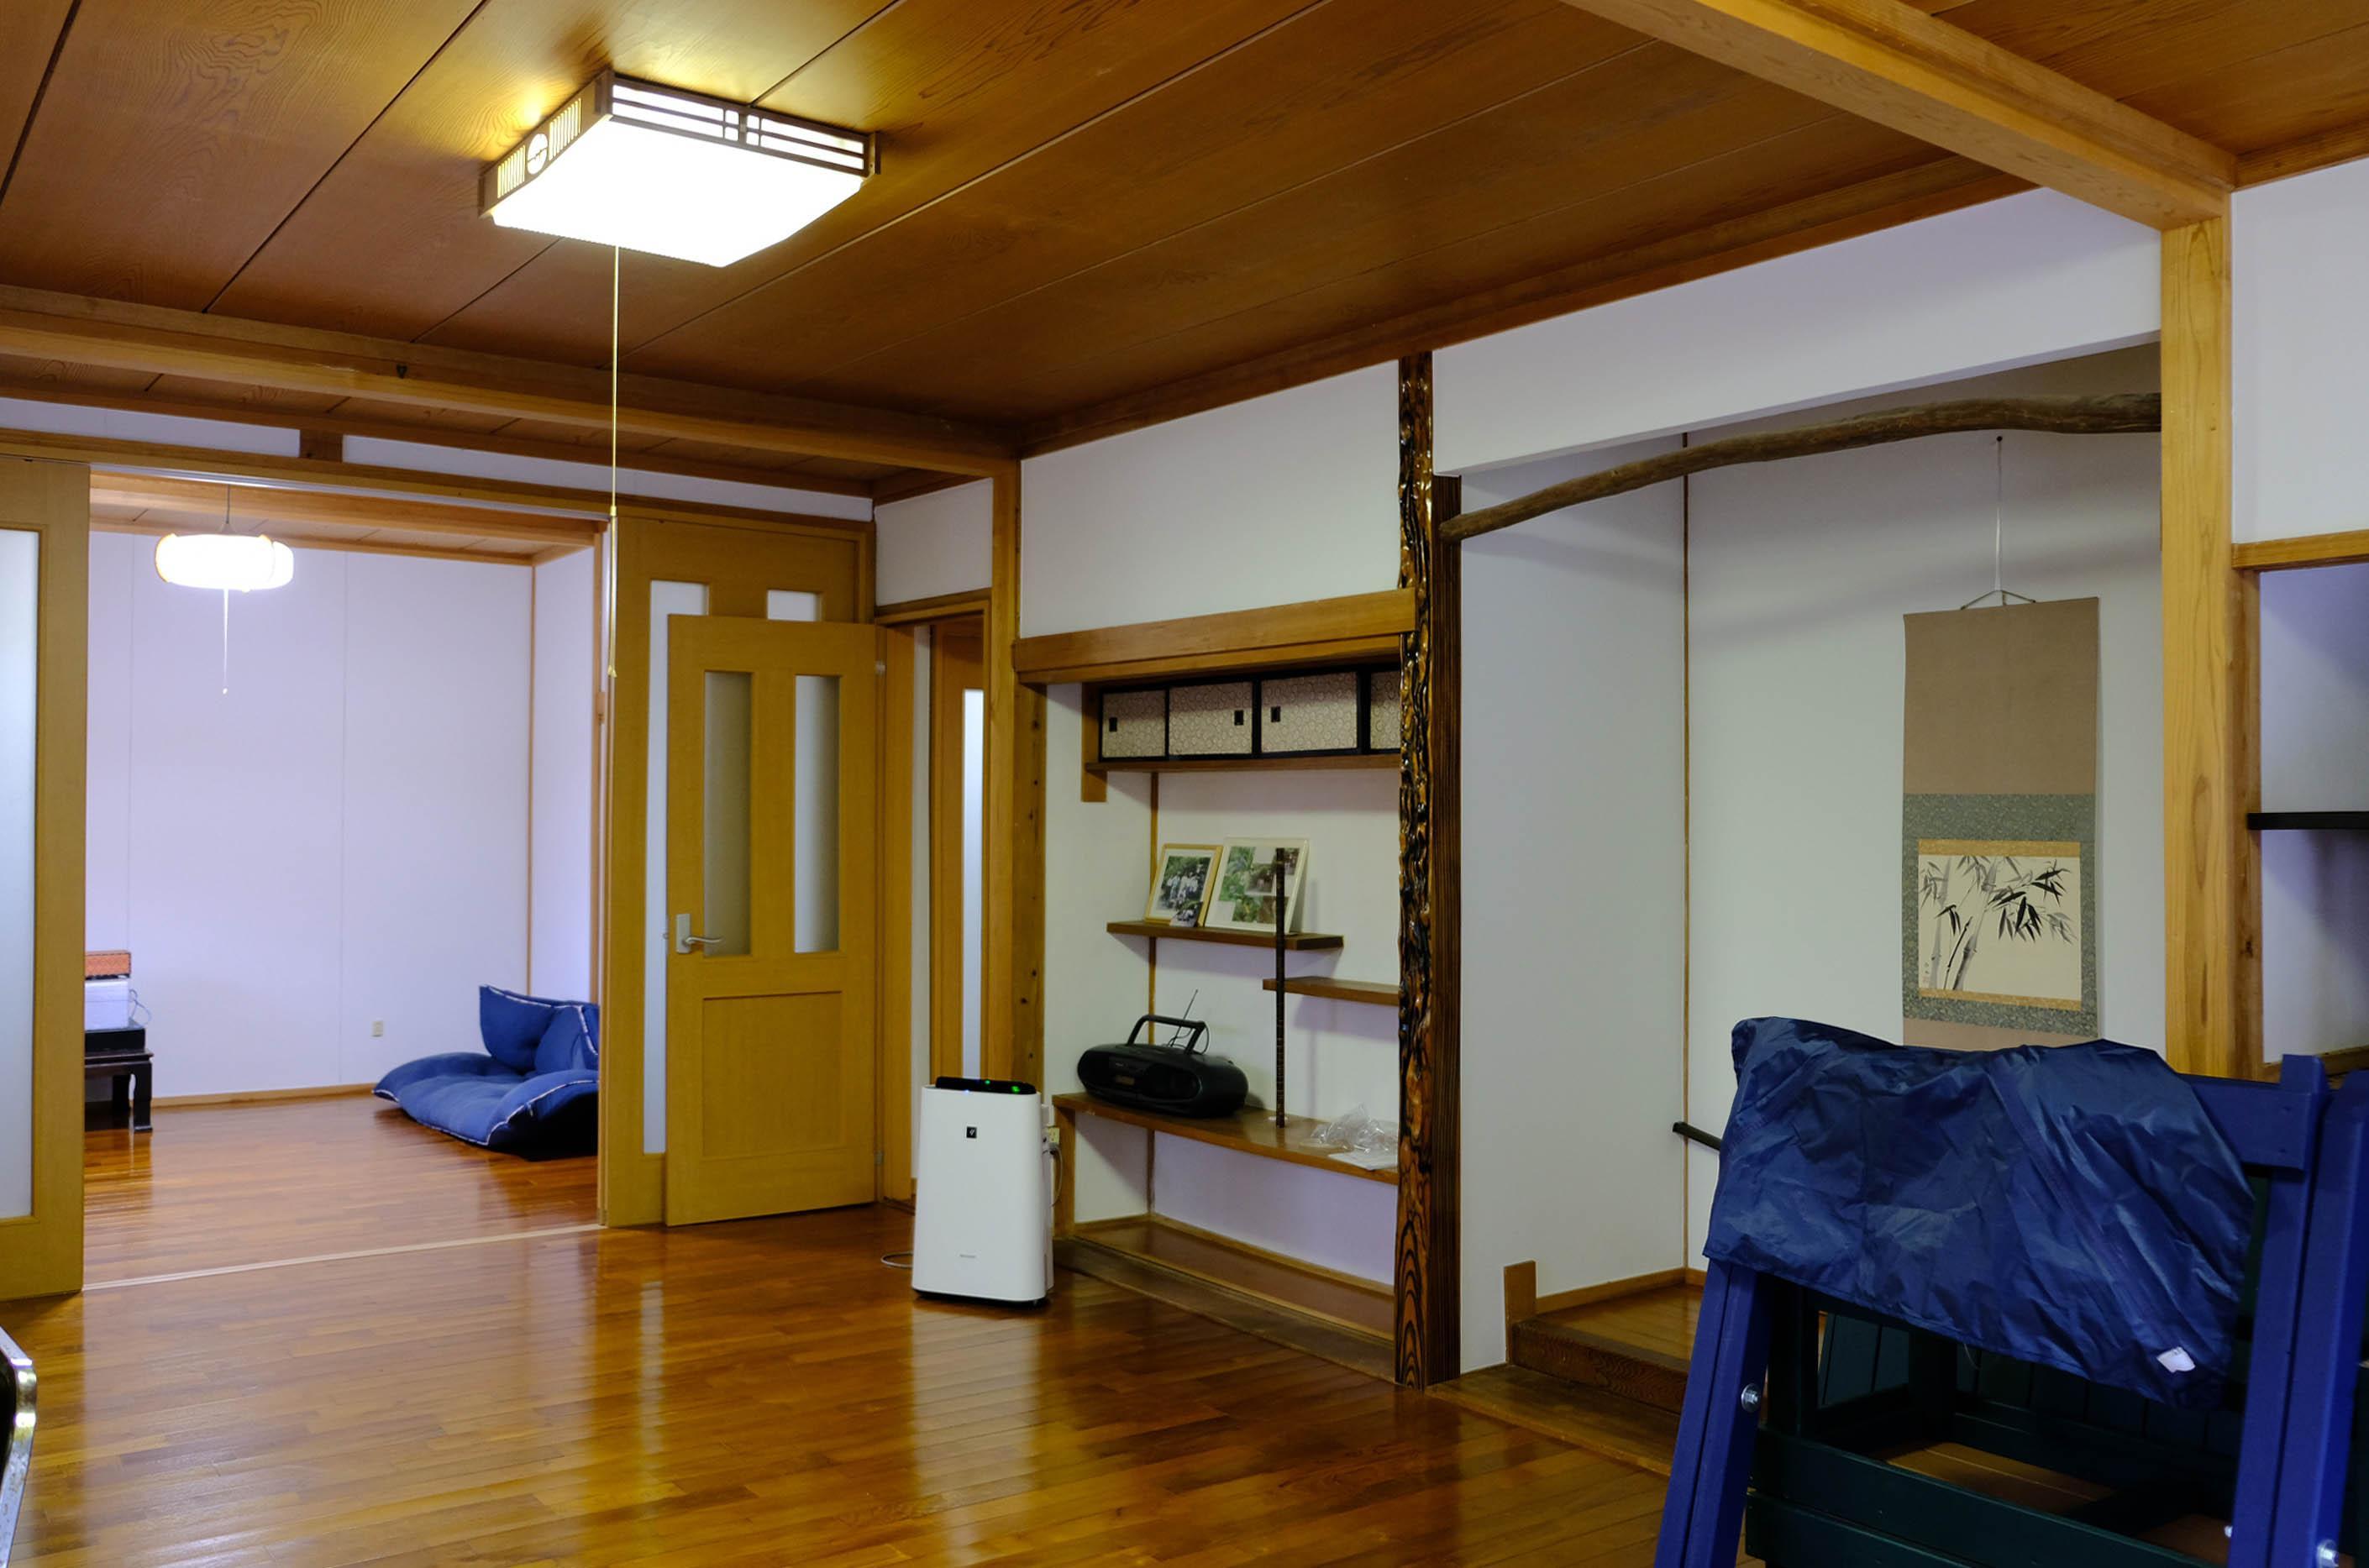 大広間の奥にもうひとつ洋室。改修済みなので見てのとおり築年数は感じさせない室内です。